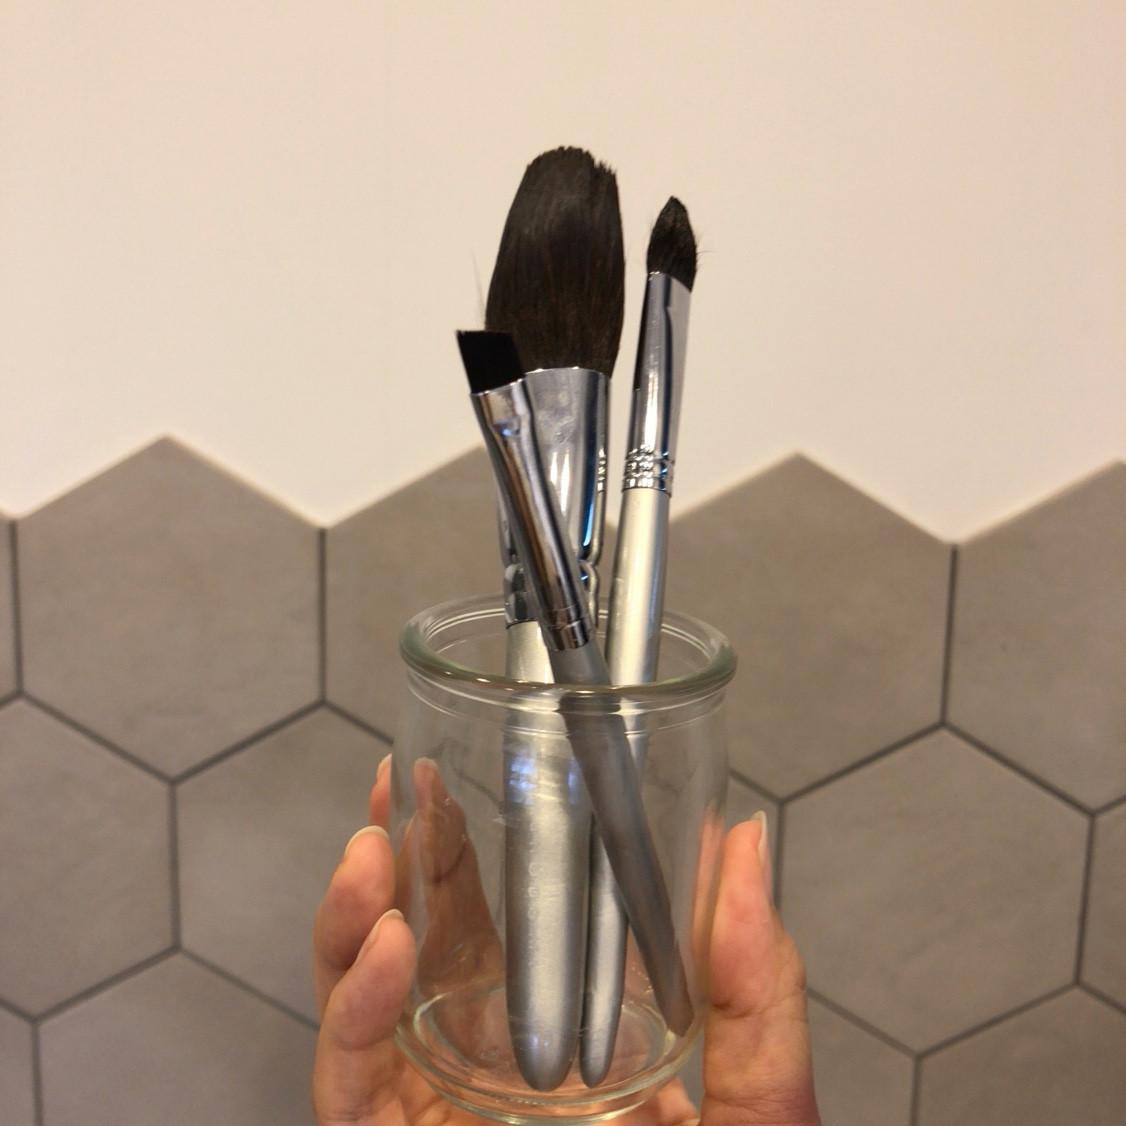 どこよりも詳しいメイクブラシの洗い方!使った化粧筆100本超えのAyakoが洗う方法&頻度を毛質別に解説_1_4